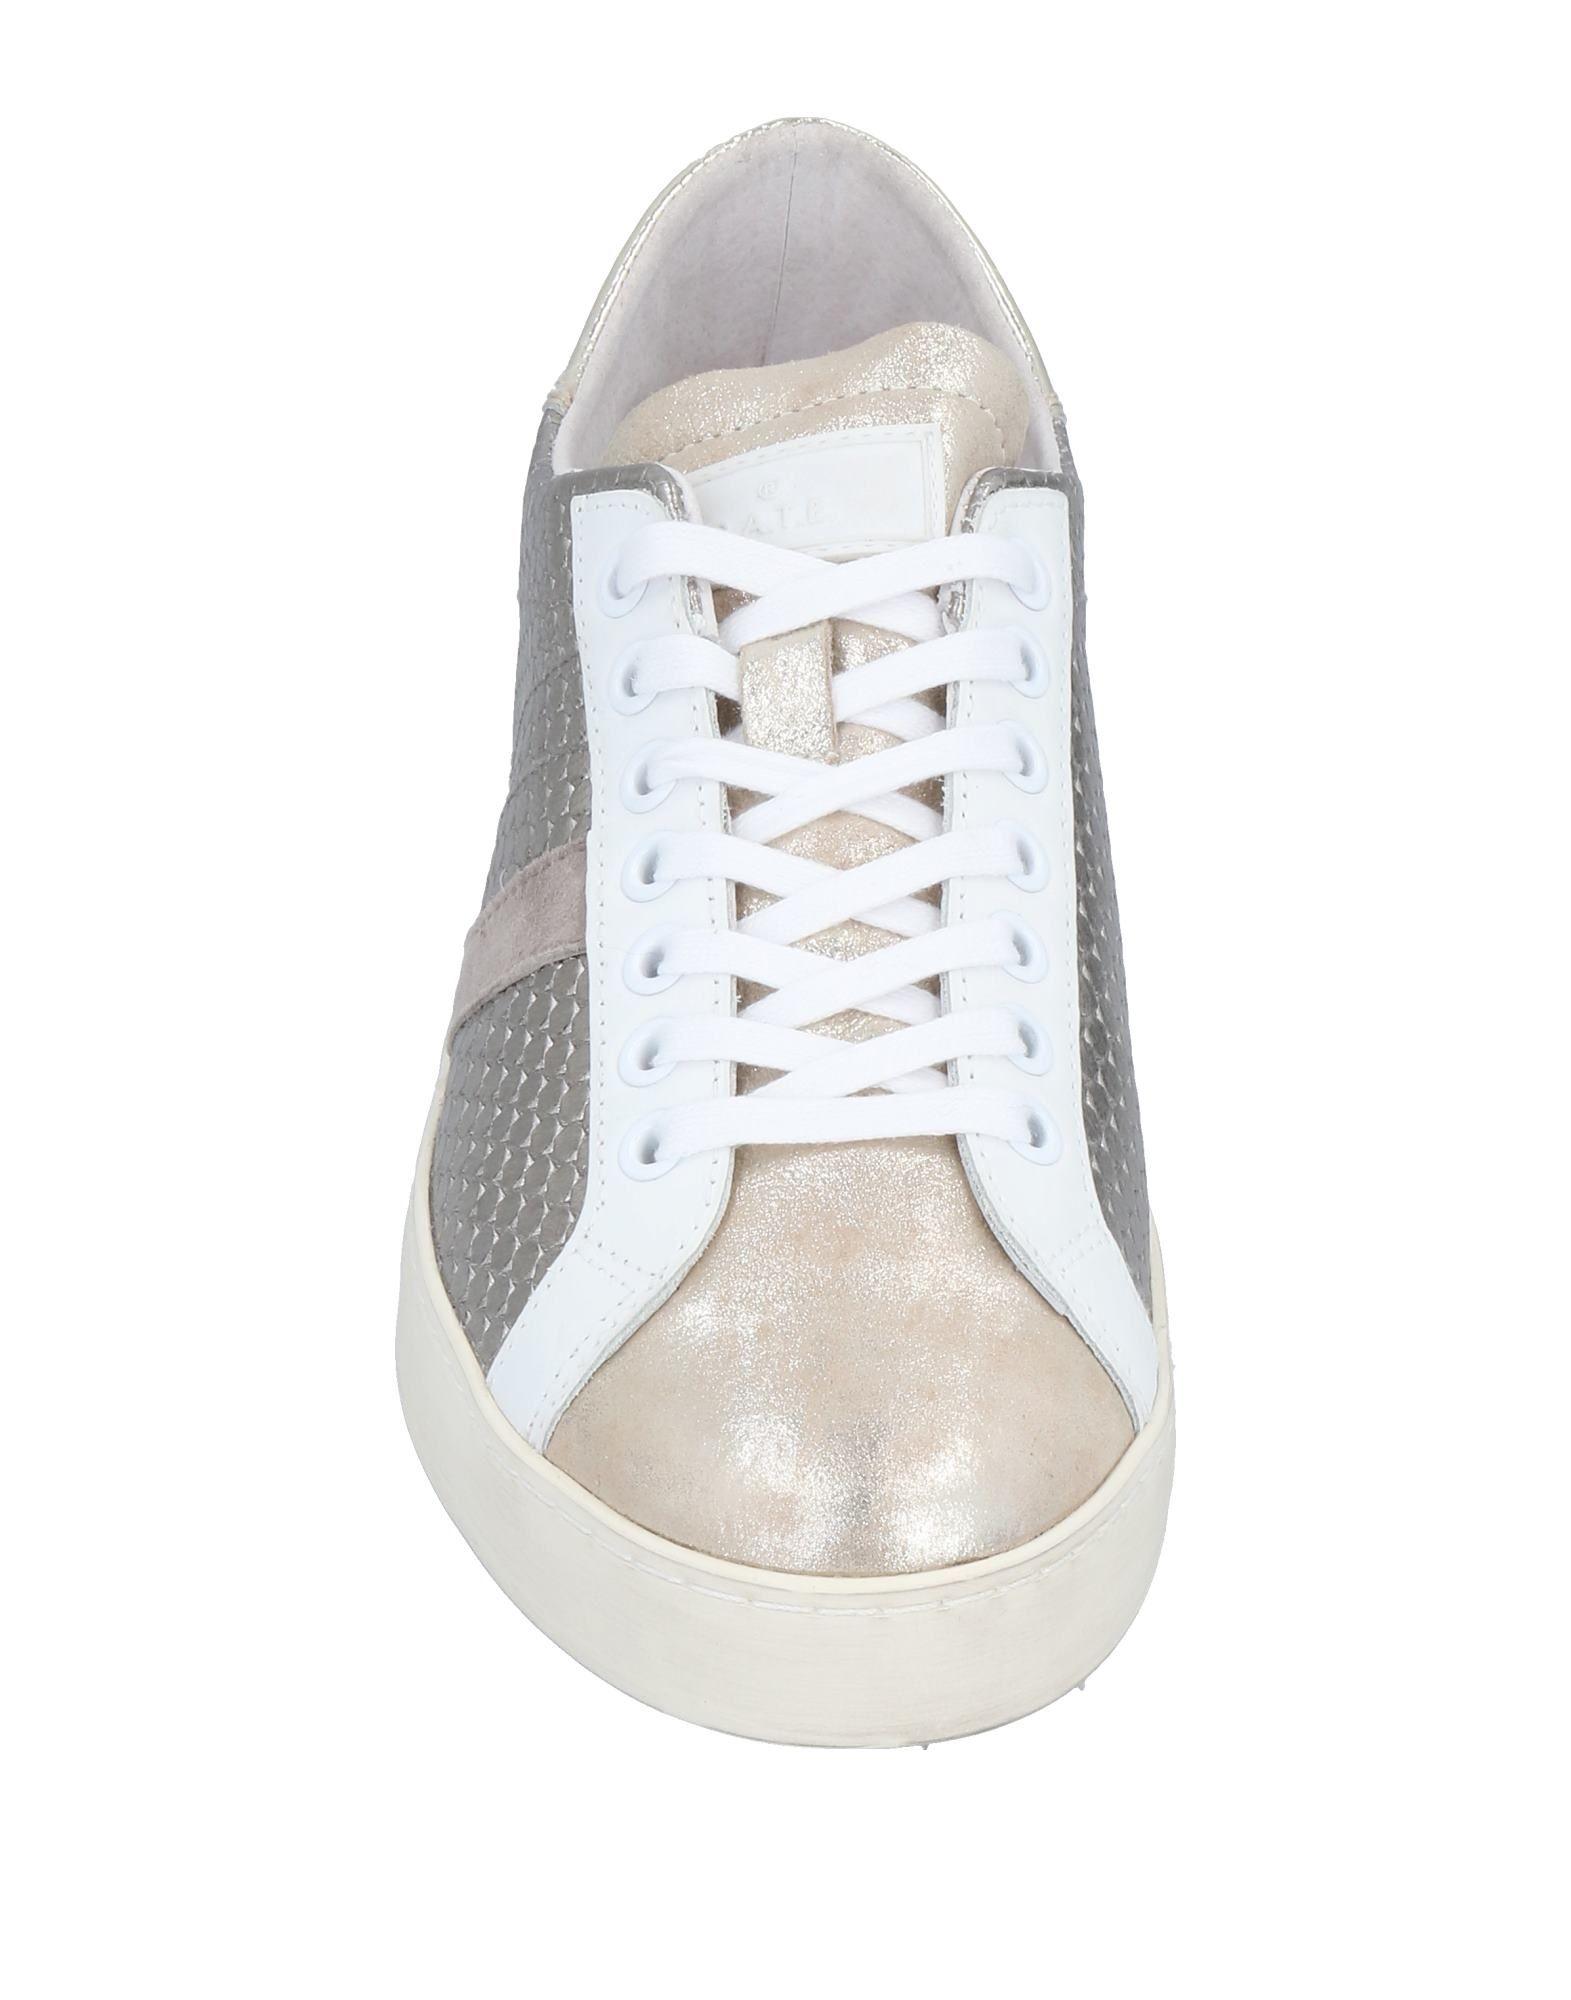 D.A.T.E. Gute Sneakers Damen  11490750EB Gute D.A.T.E. Qualität beliebte Schuhe 1606e1